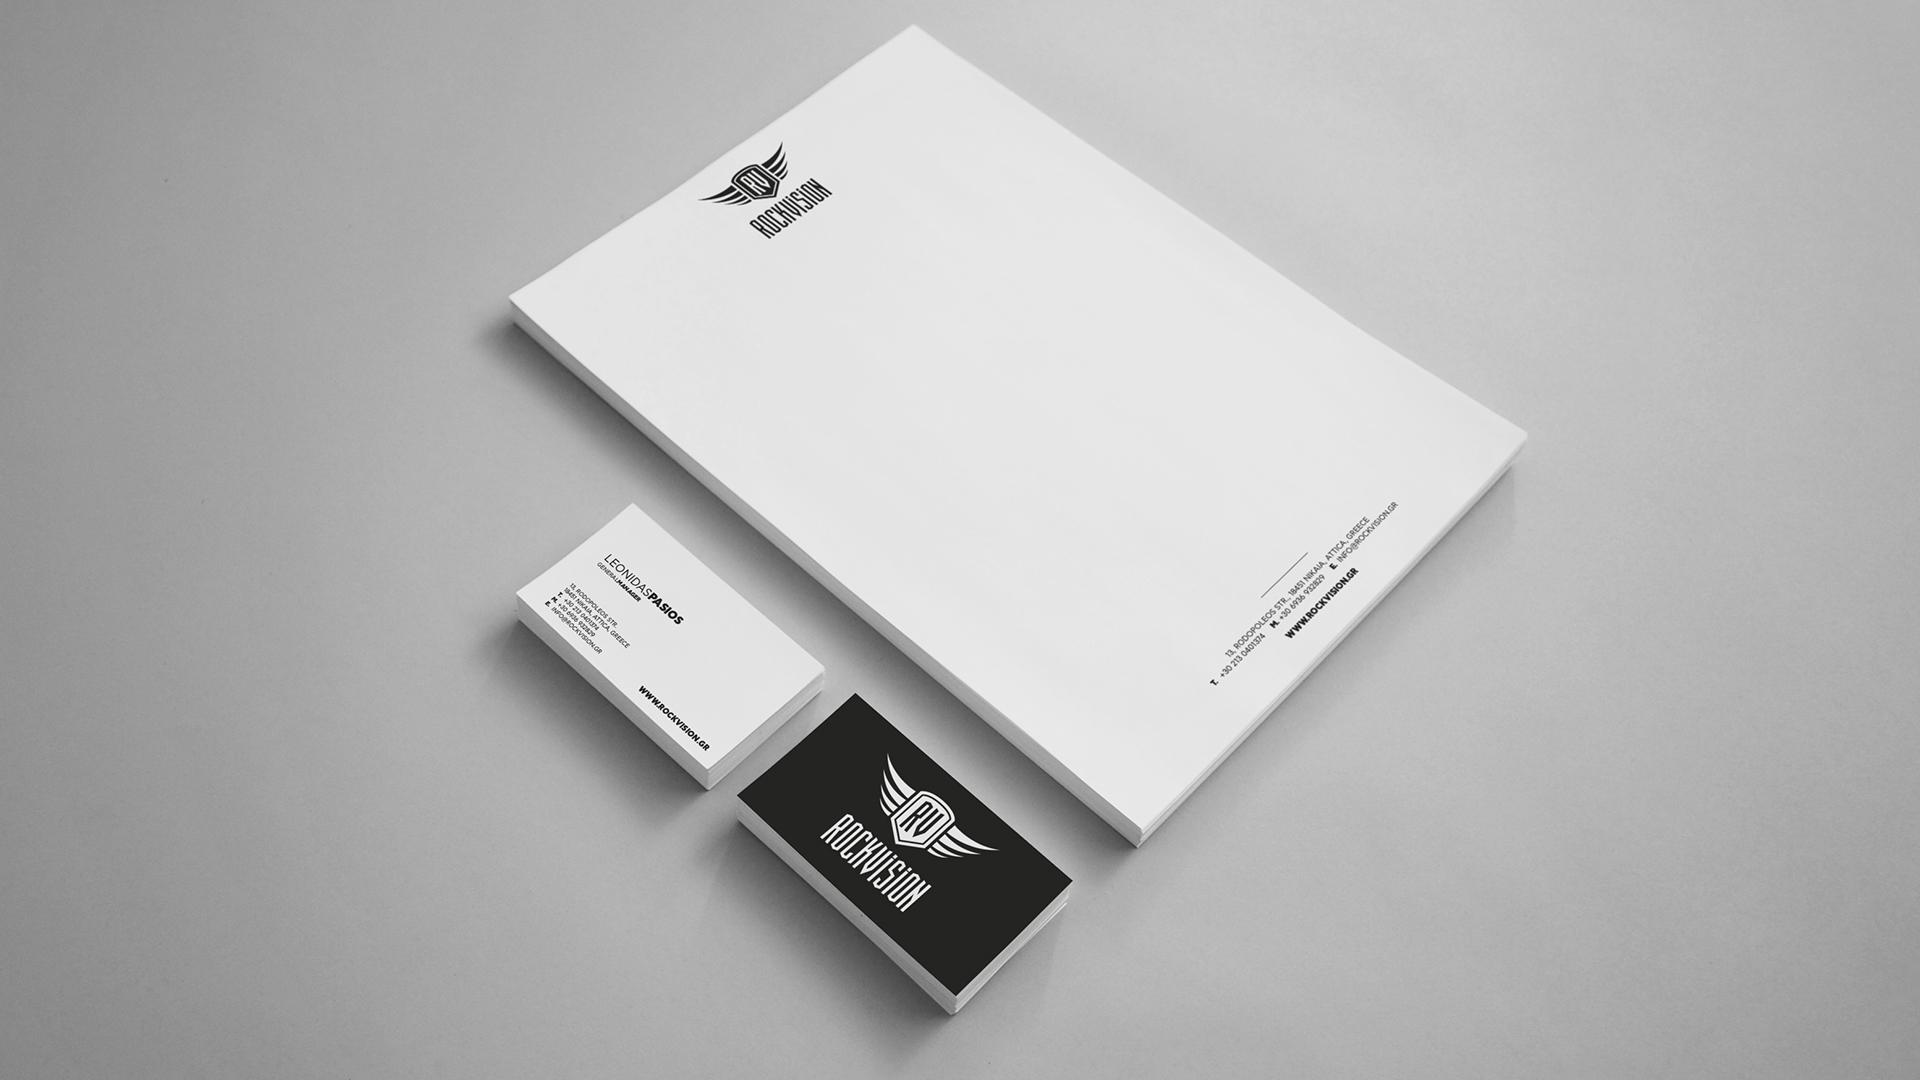 Rockvision_Cards_Letter_1920